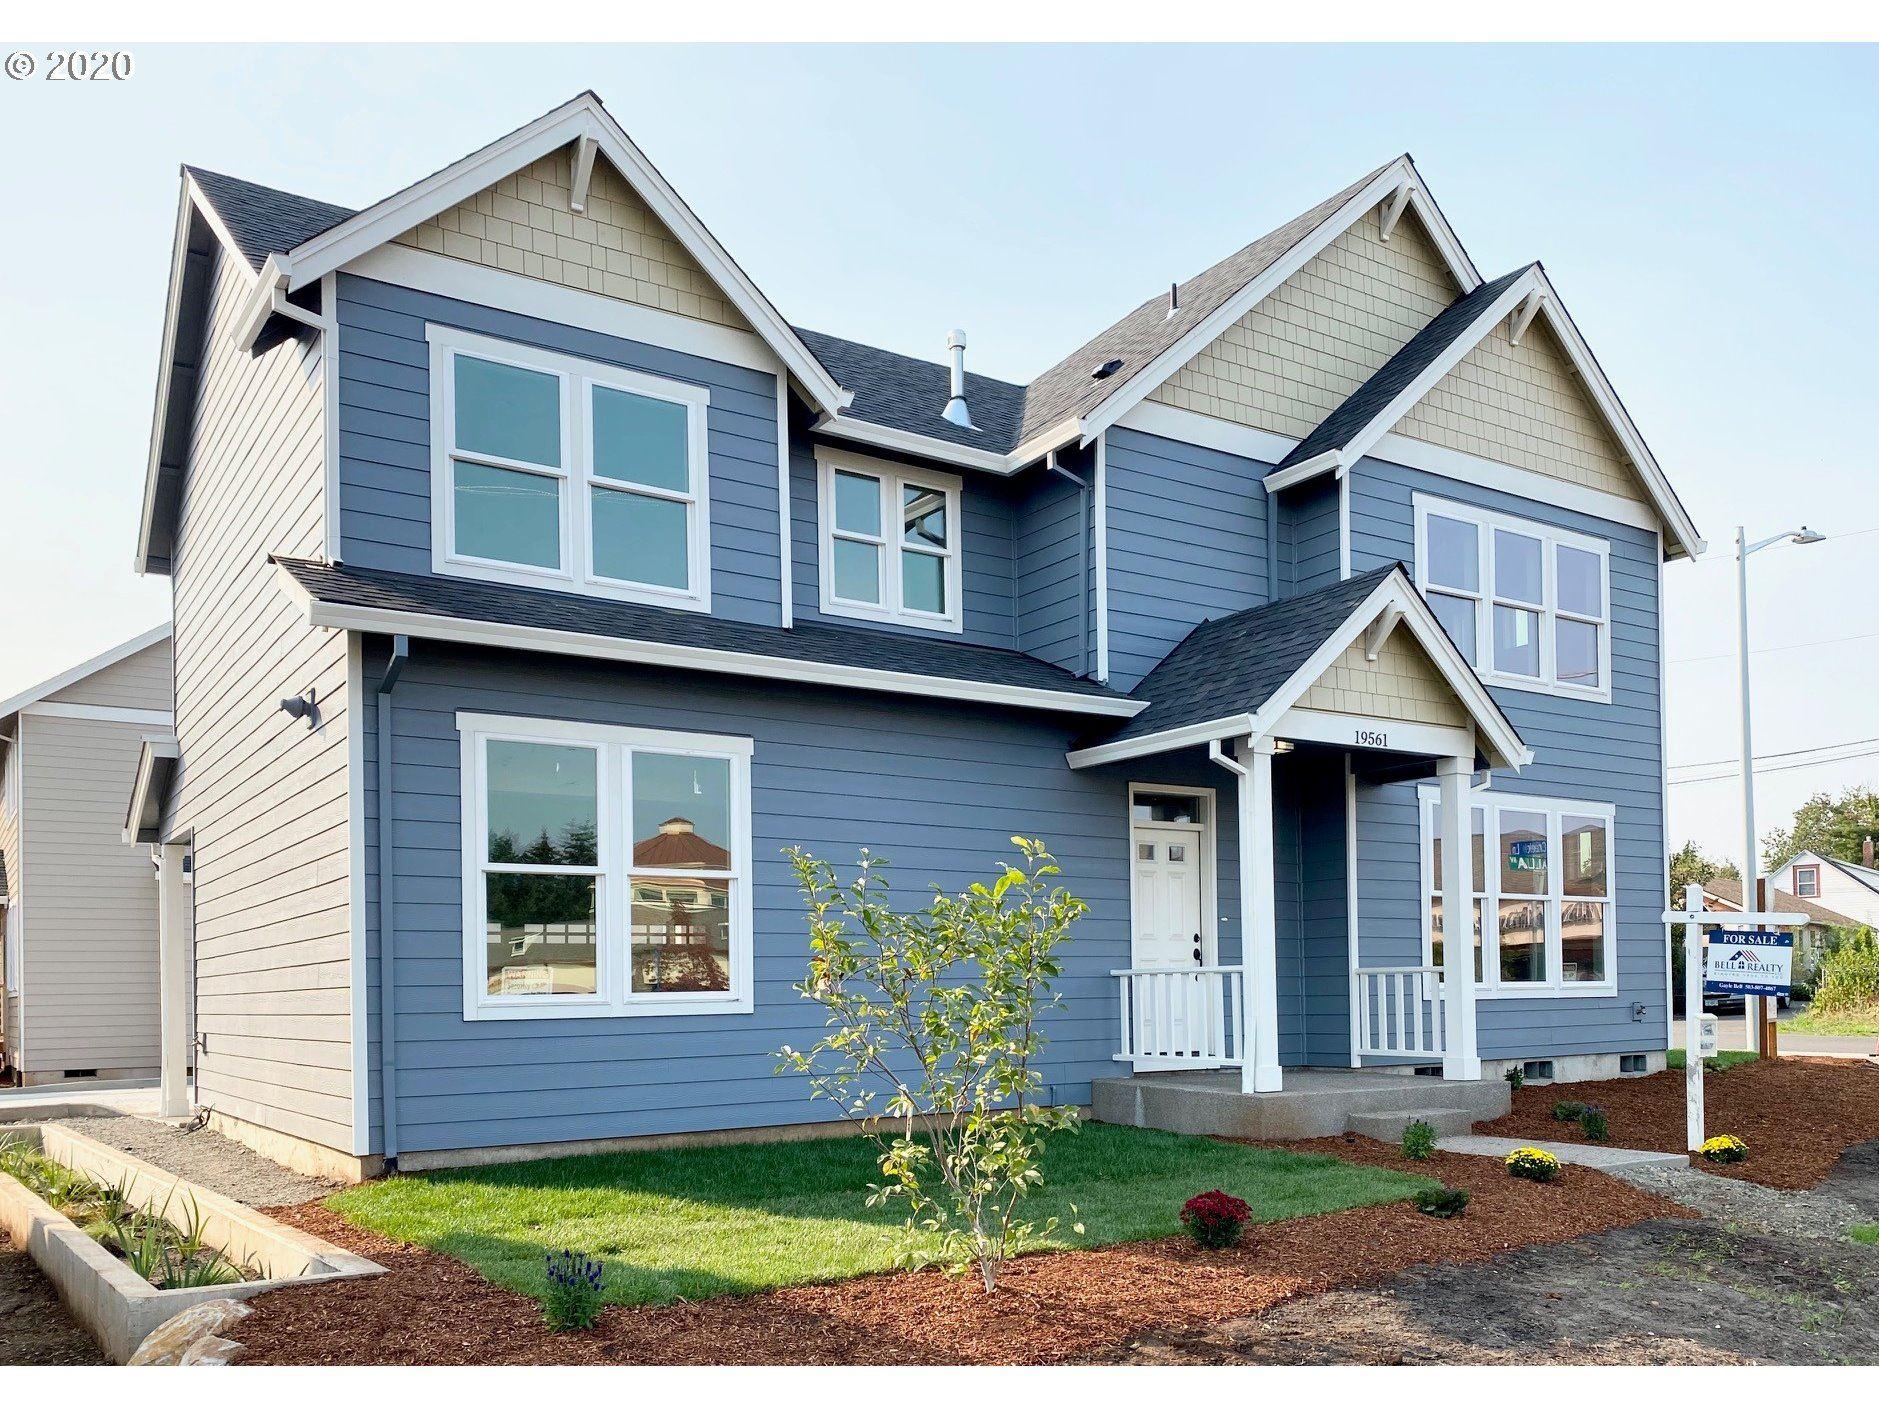 19561 Molalla AVE, Oregon City, OR 97045 - MLS#: 20422556